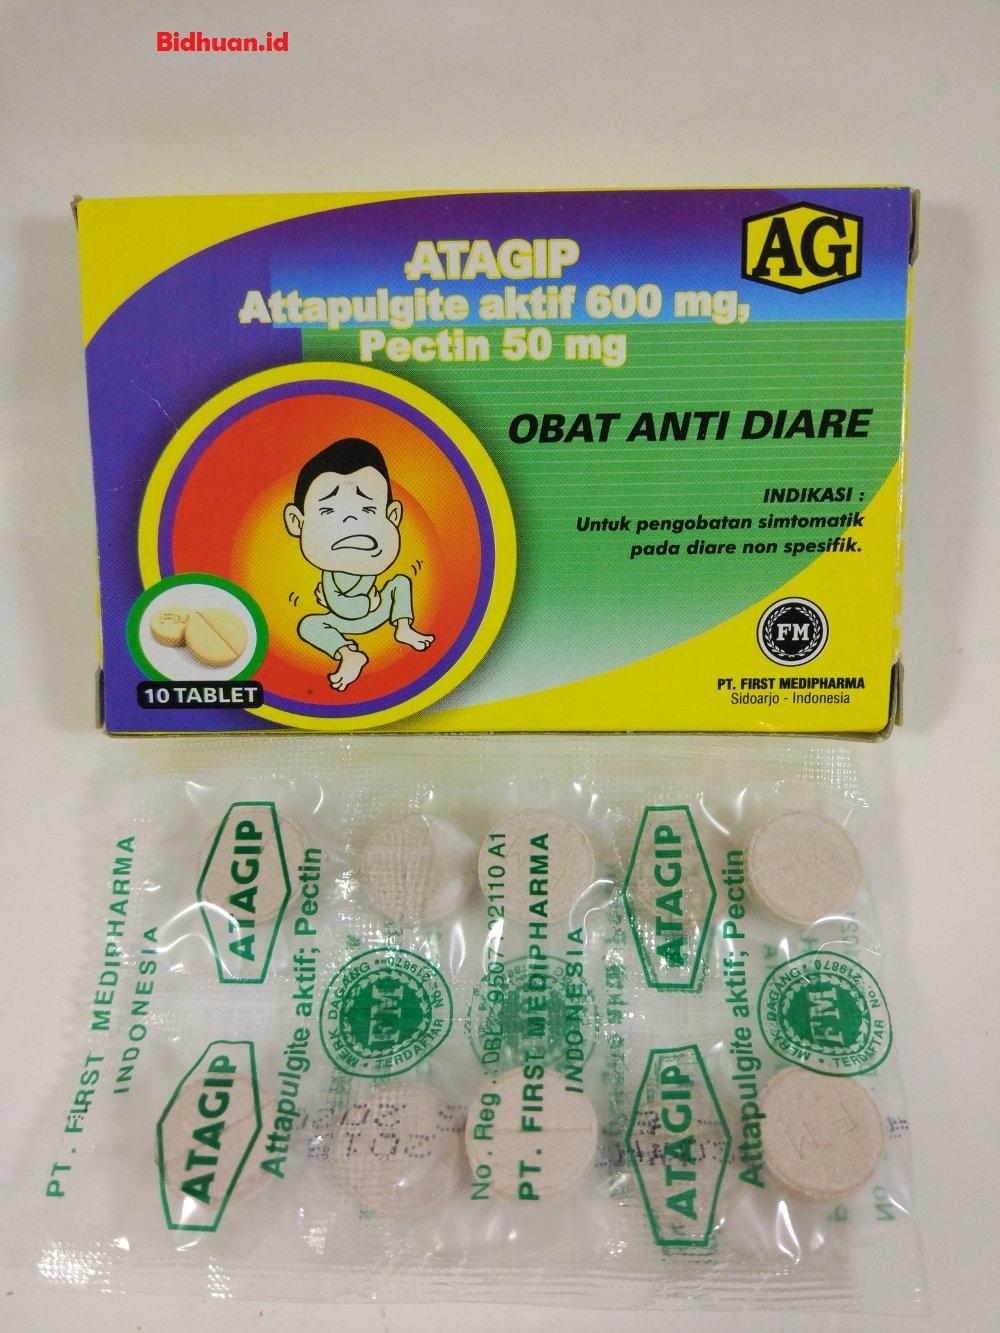 Obat mencret menggunakan Atagip